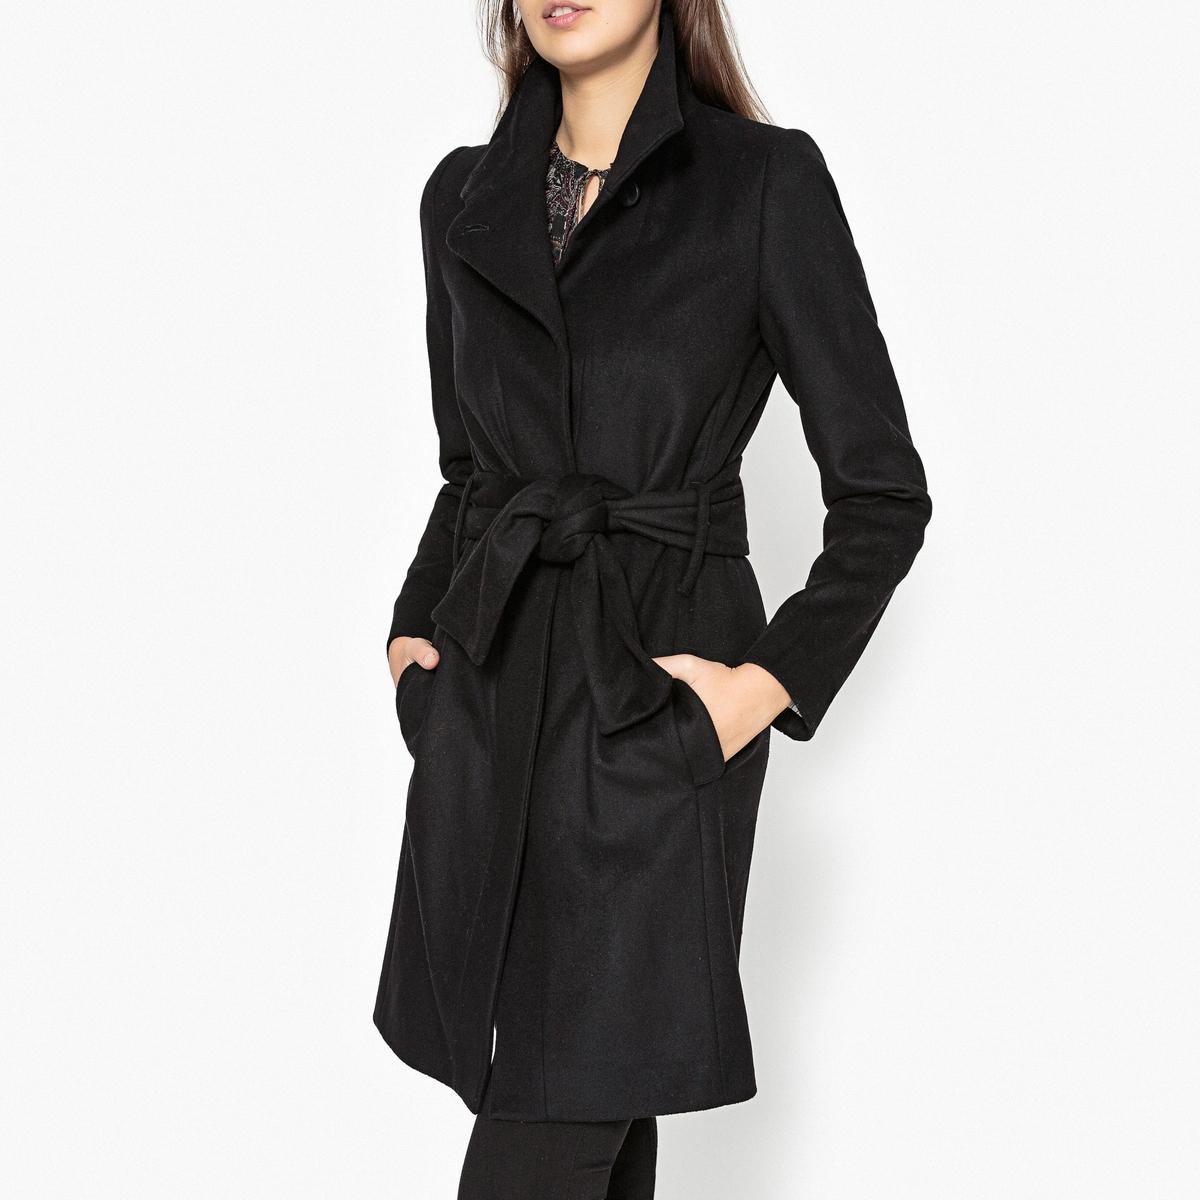 Пальто длинное с воротником-стойкойОписание:Длинное пальто IKKS с воротником-стойкой и завязками на поясе.Детали •  Длина : удлиненная модель •  Воротник-стойка • Застежка на пуговицыСостав и уход •  100% шерсть •  Наполнитель : 40% вискозы, 60% полиэстера •  Следуйте советам по уходу, указанным на этикетке<br><br>Цвет: черный<br>Размер: 38 (FR) - 44 (RUS)